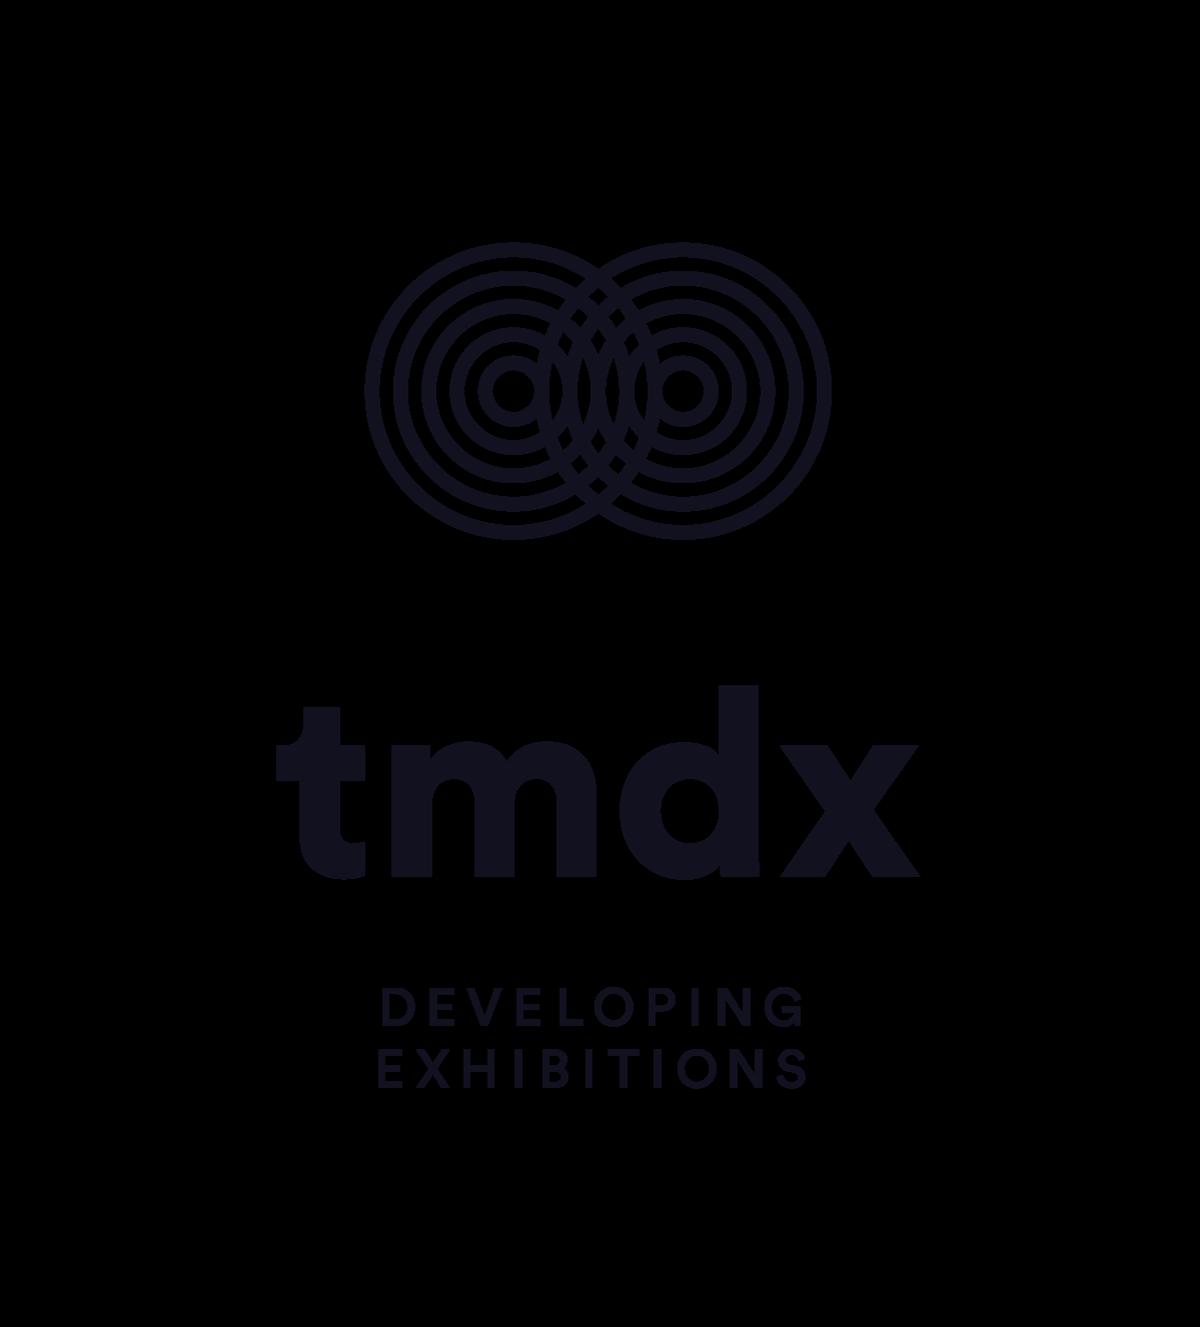 TM Development - your partner in building exhibitions